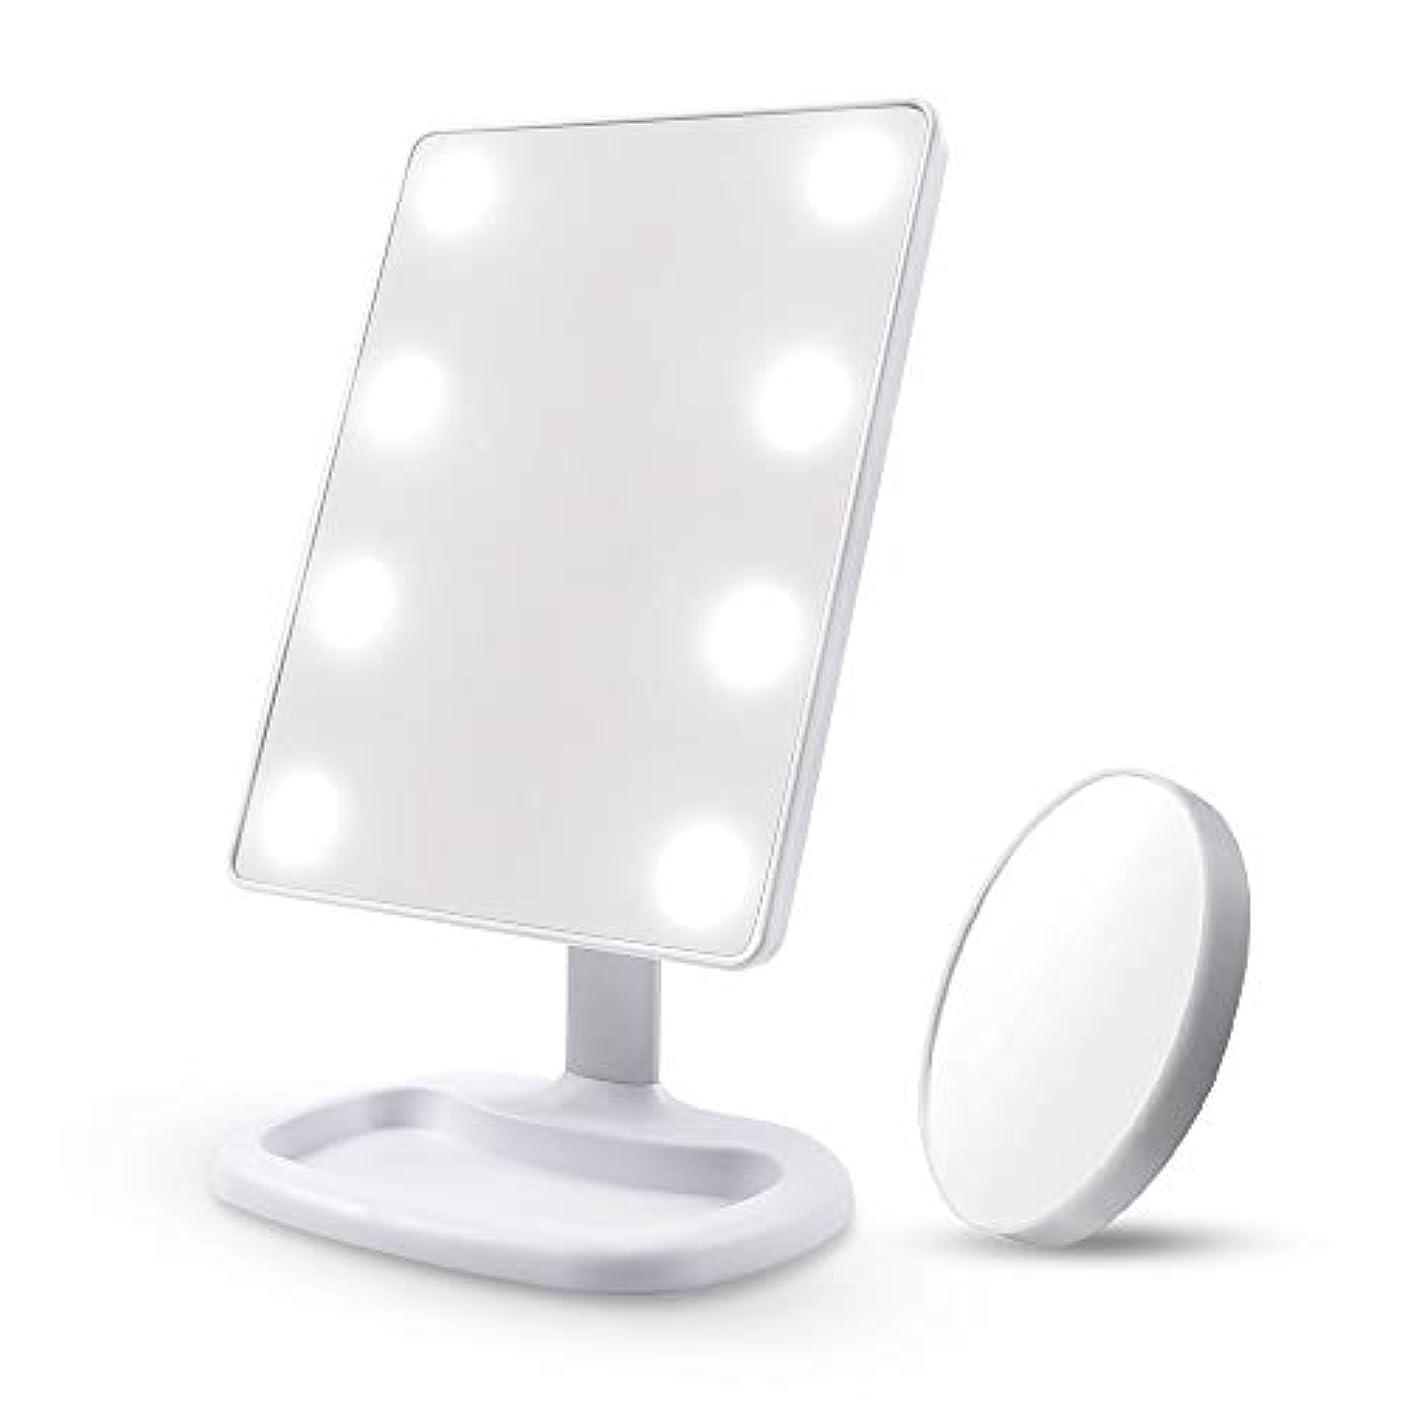 命令おとなしい読み書きのできないDiolan 化粧鏡 女優ミラー 8個大きのLED付き 角度調節可能 10倍拡大鏡付き